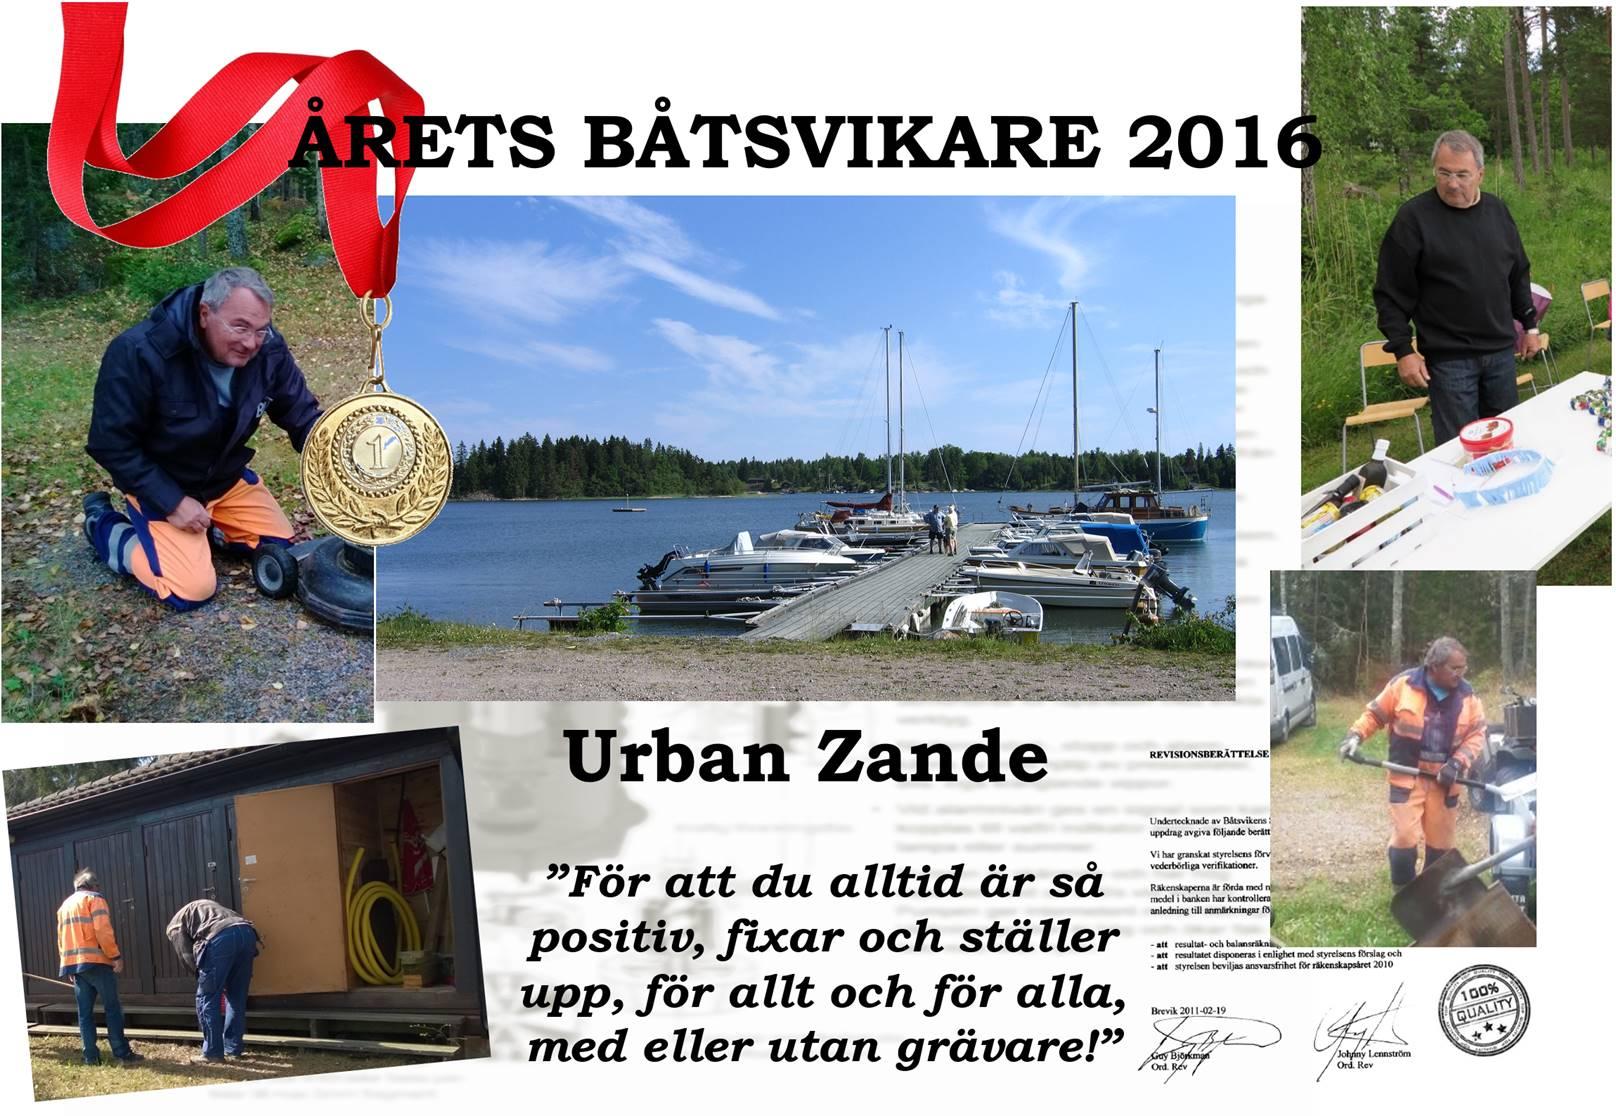 Årets Båtsvikare 2016